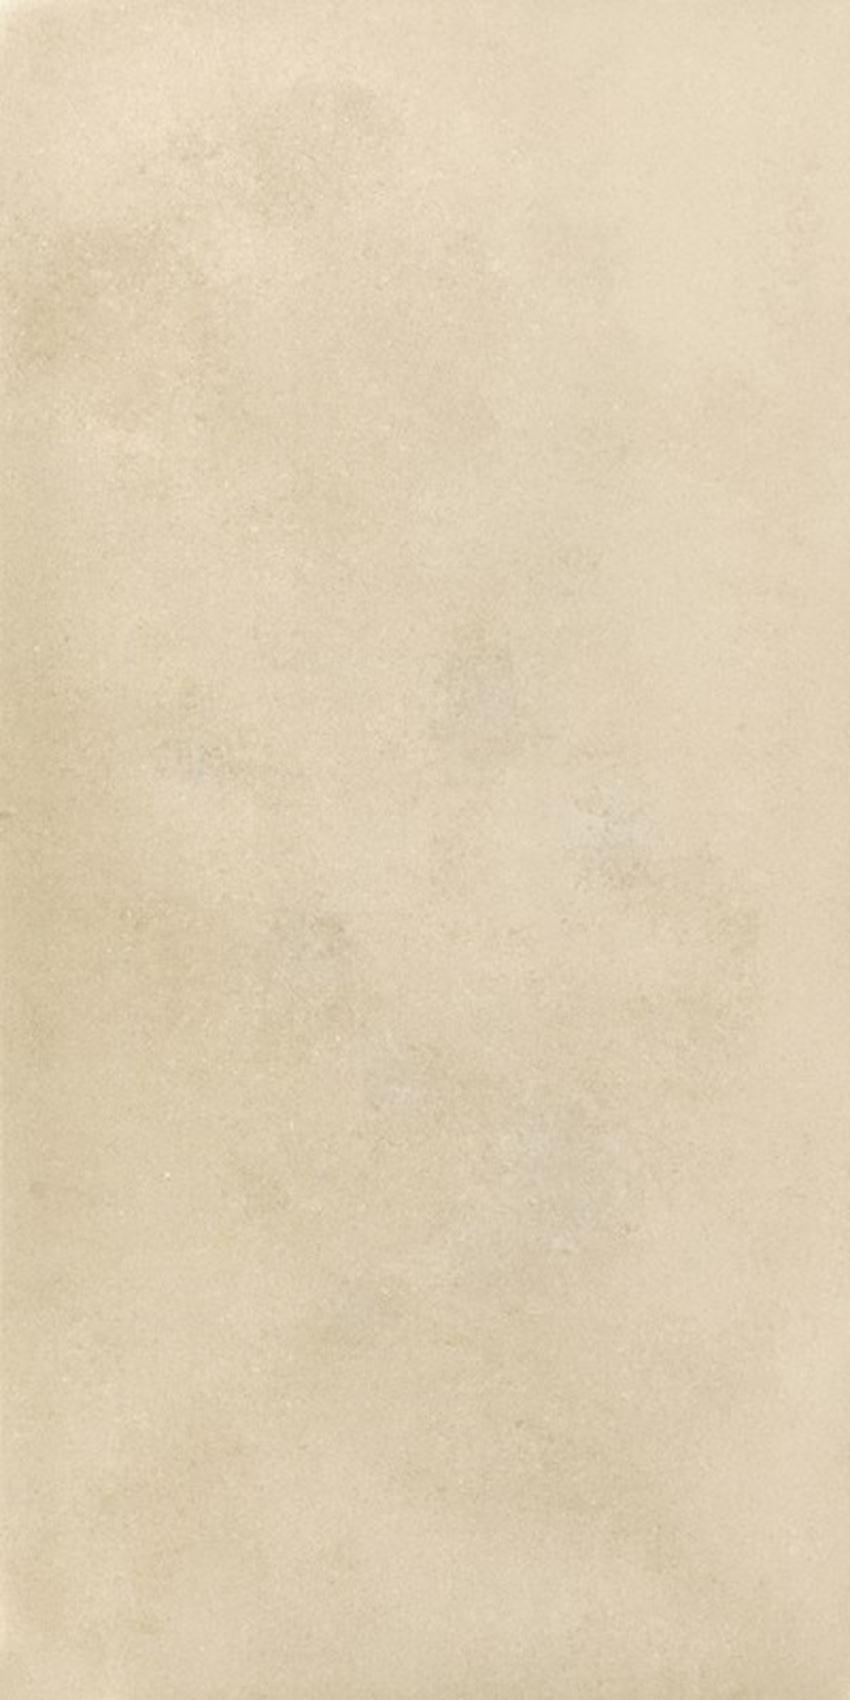 Płytka uniwersalna poler 59,7x119,7 cm Nowa Gala Neutro NU 02